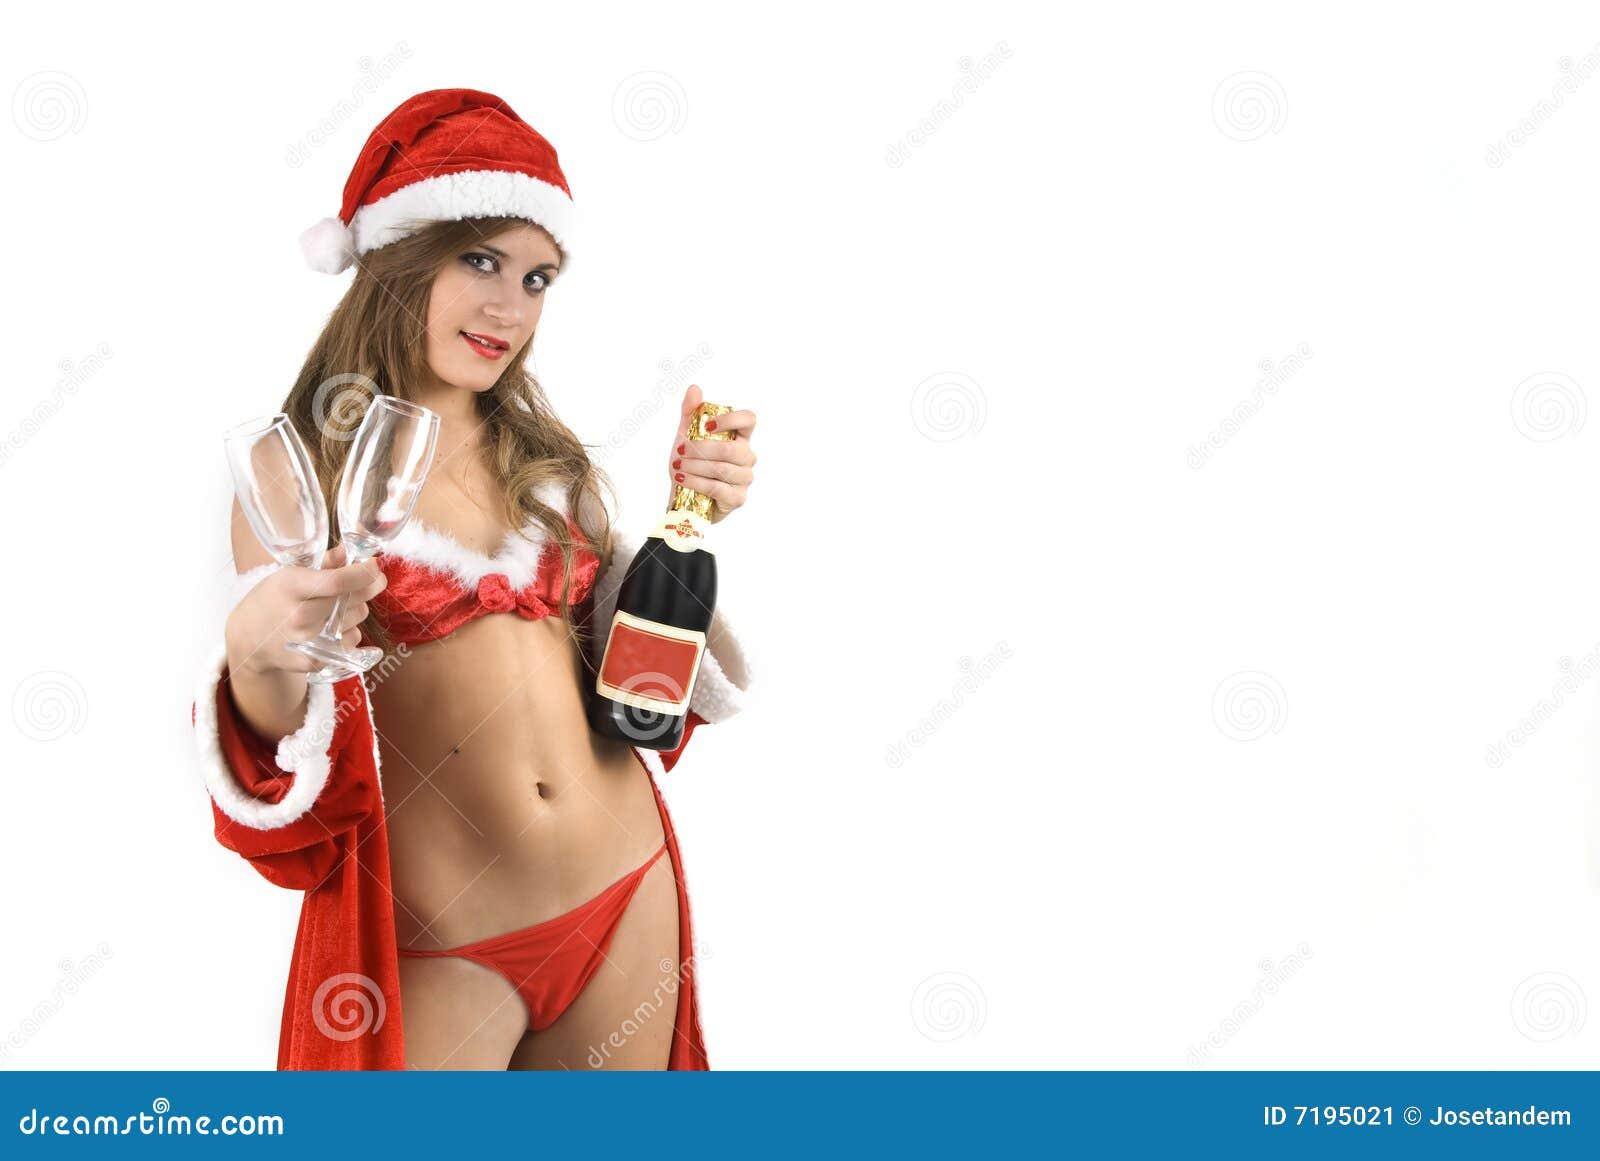 Santa claus porn pics erotic pics